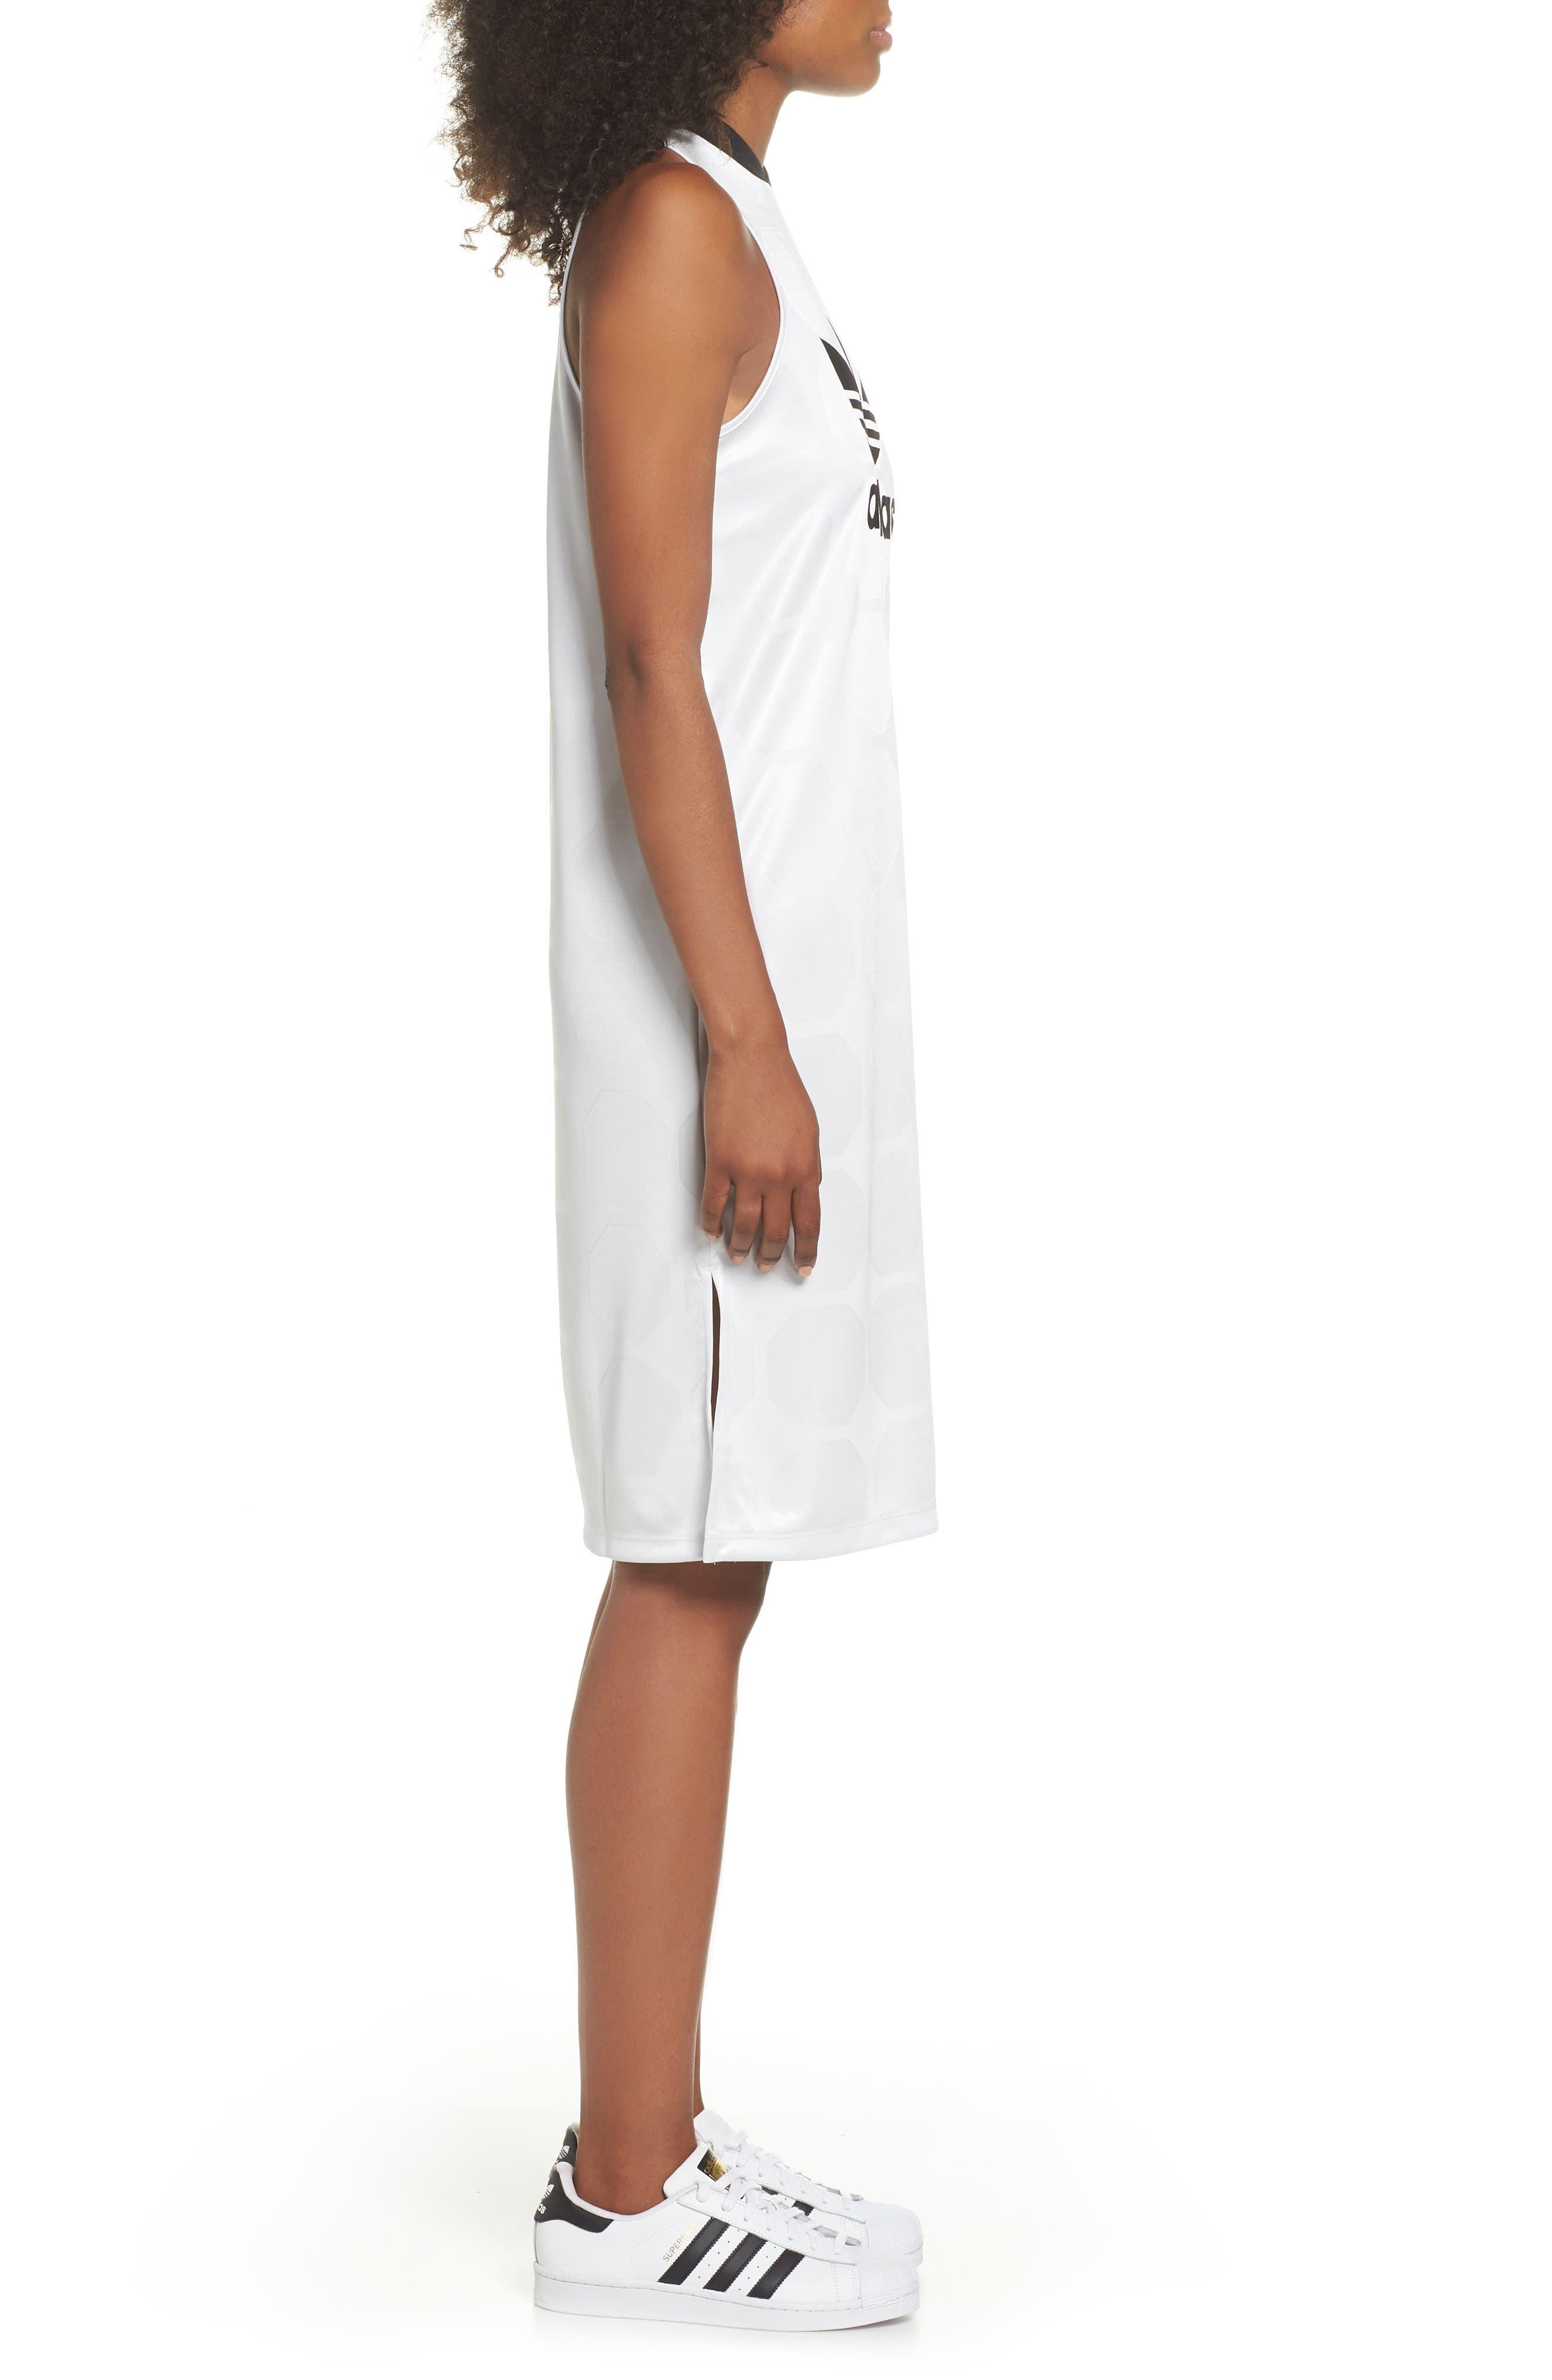 Fashion League Trefoil Jacquard Tank Dress,                             Alternate thumbnail 3, color,                             100